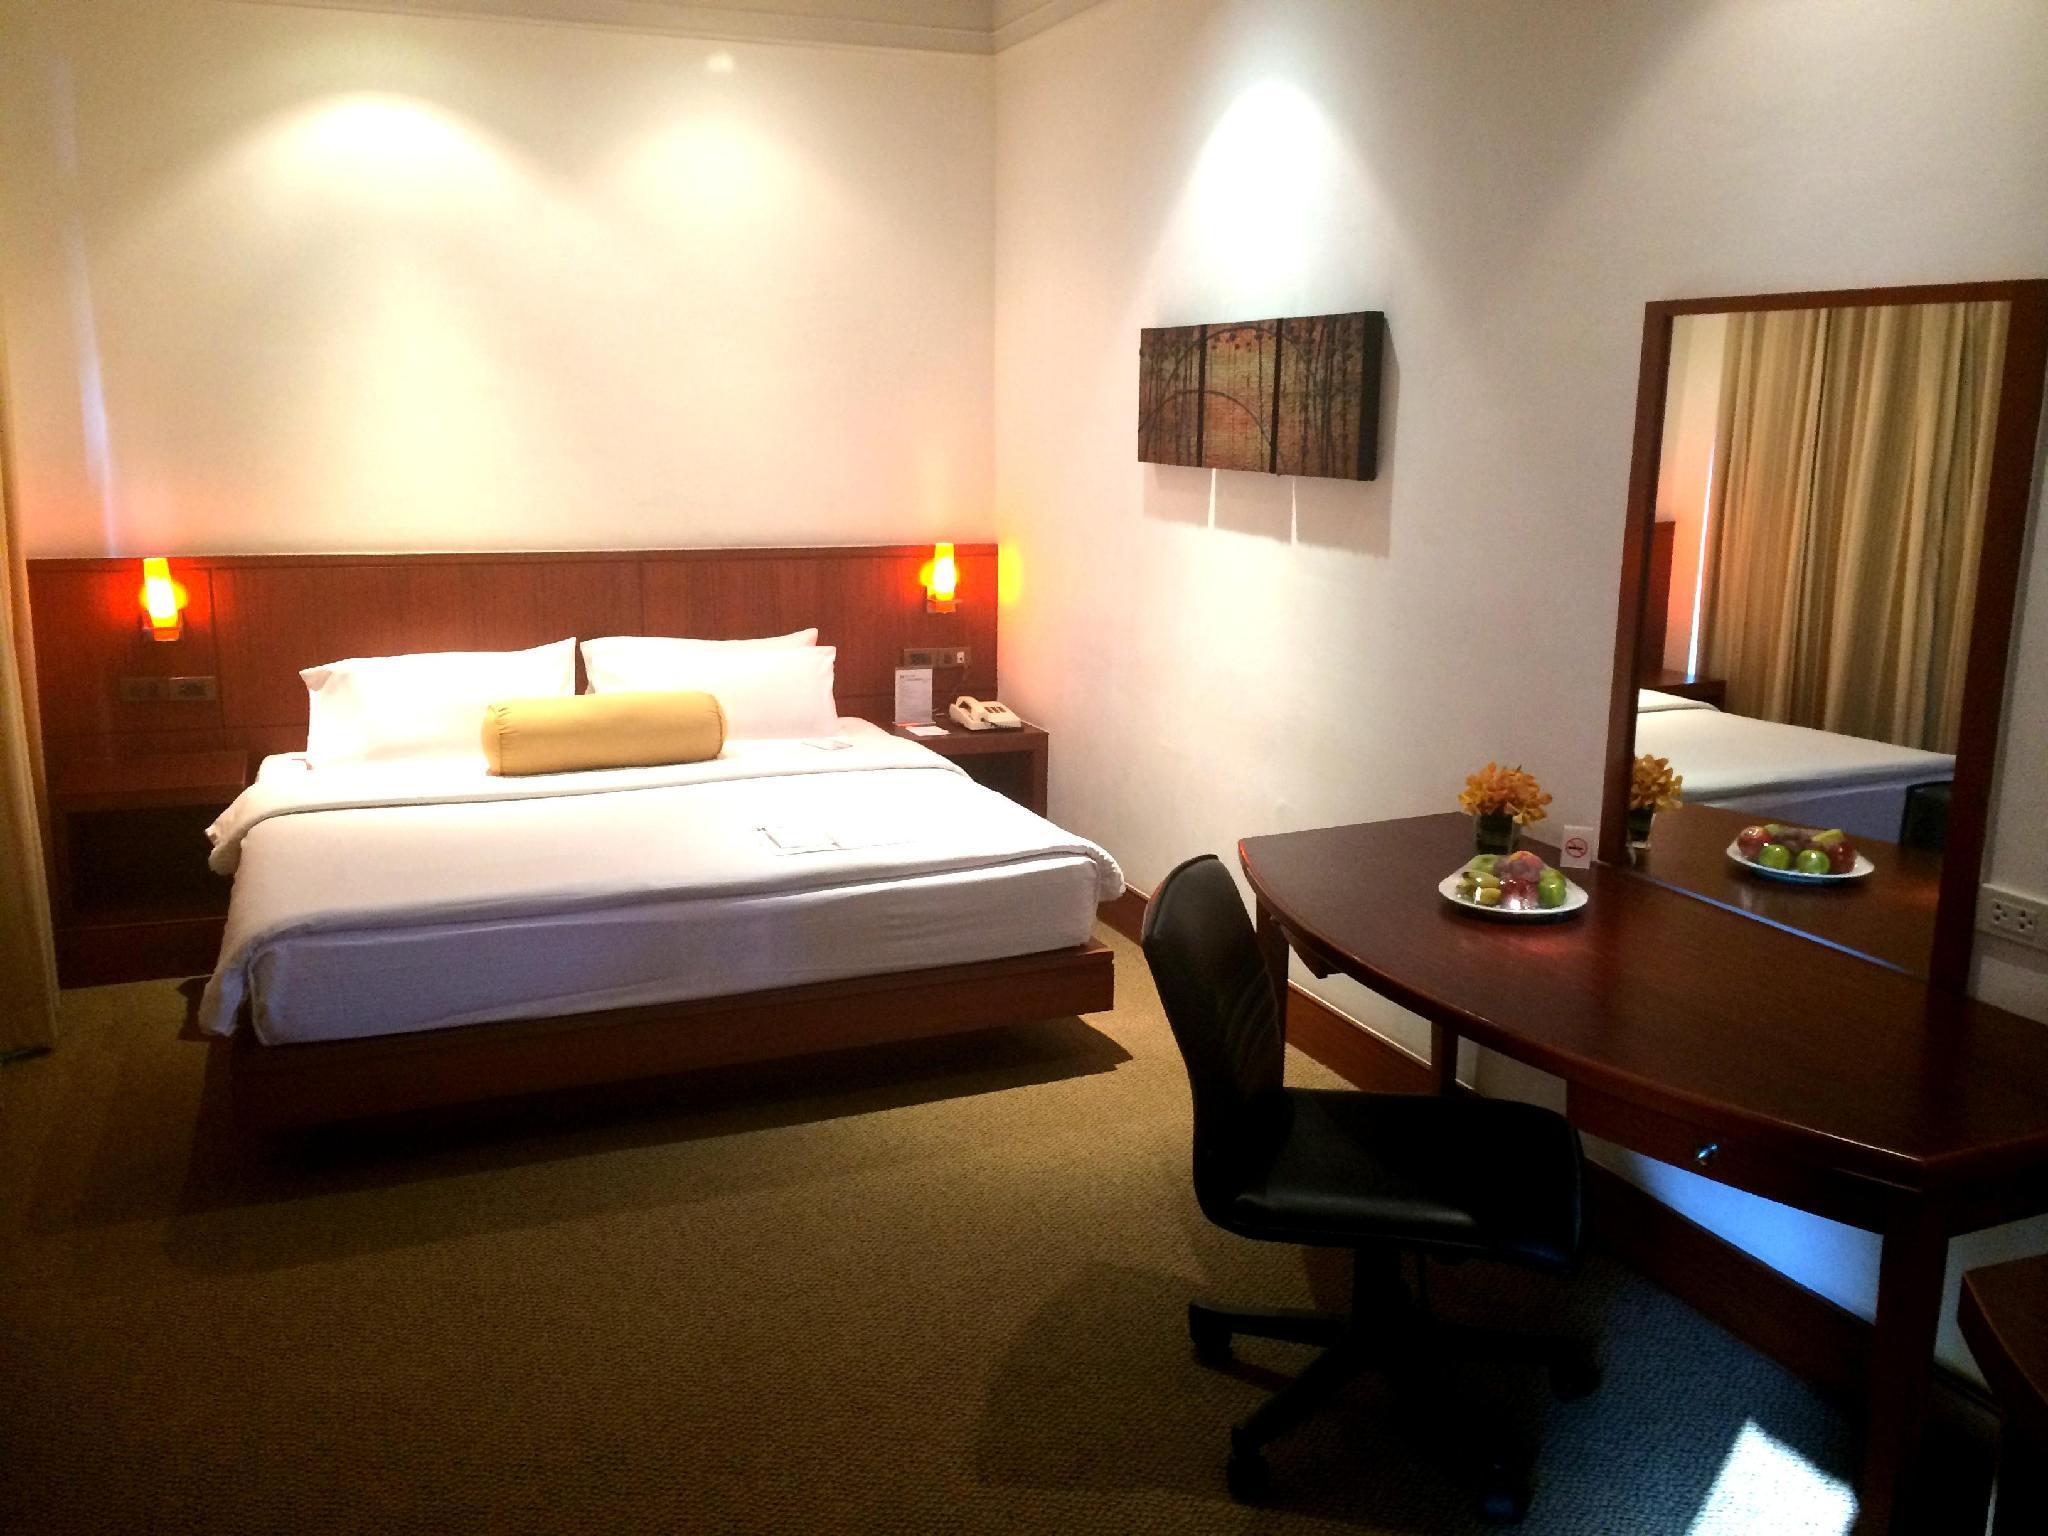 Hotell City Lodge Sukhumvit 19 Hotel i , Bangkok. Klicka för att läsa mer och skicka bokningsförfrågan